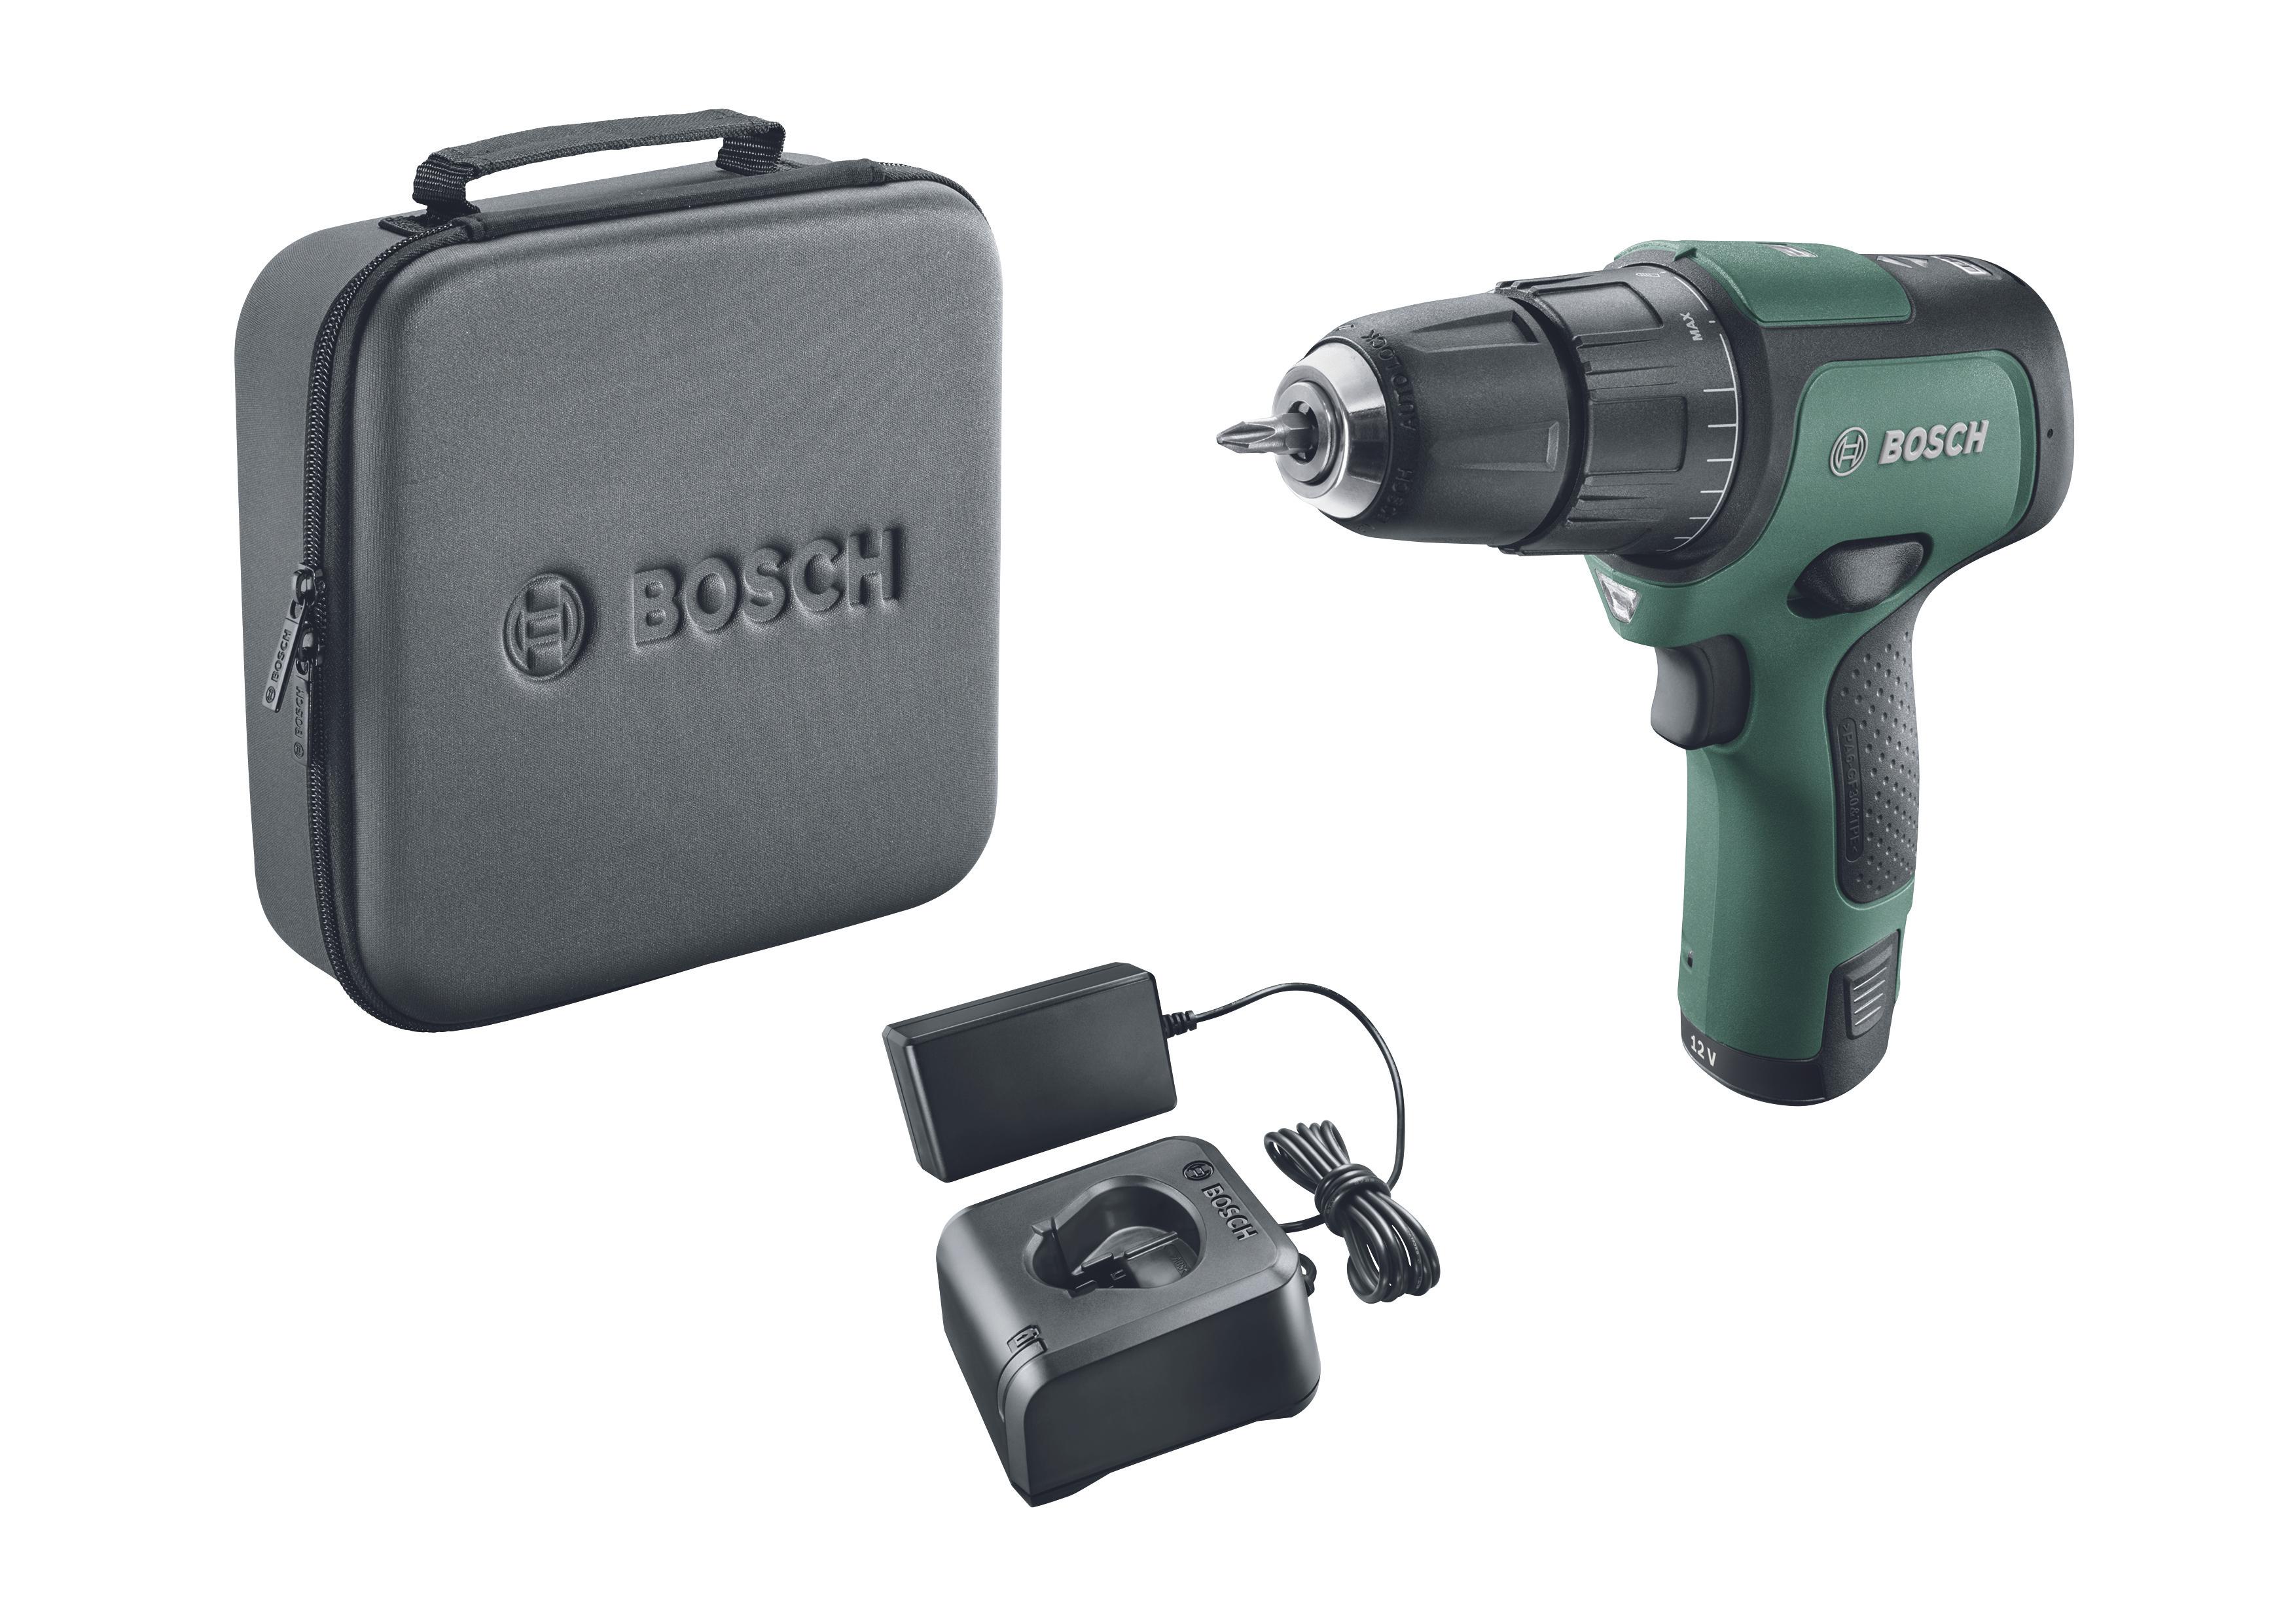 Coffret Perceuse visseuse sans fil Bosch EasyDrill - 12V 2 Ah, 1 batterie + chargeur (Saint-Aunes 34)